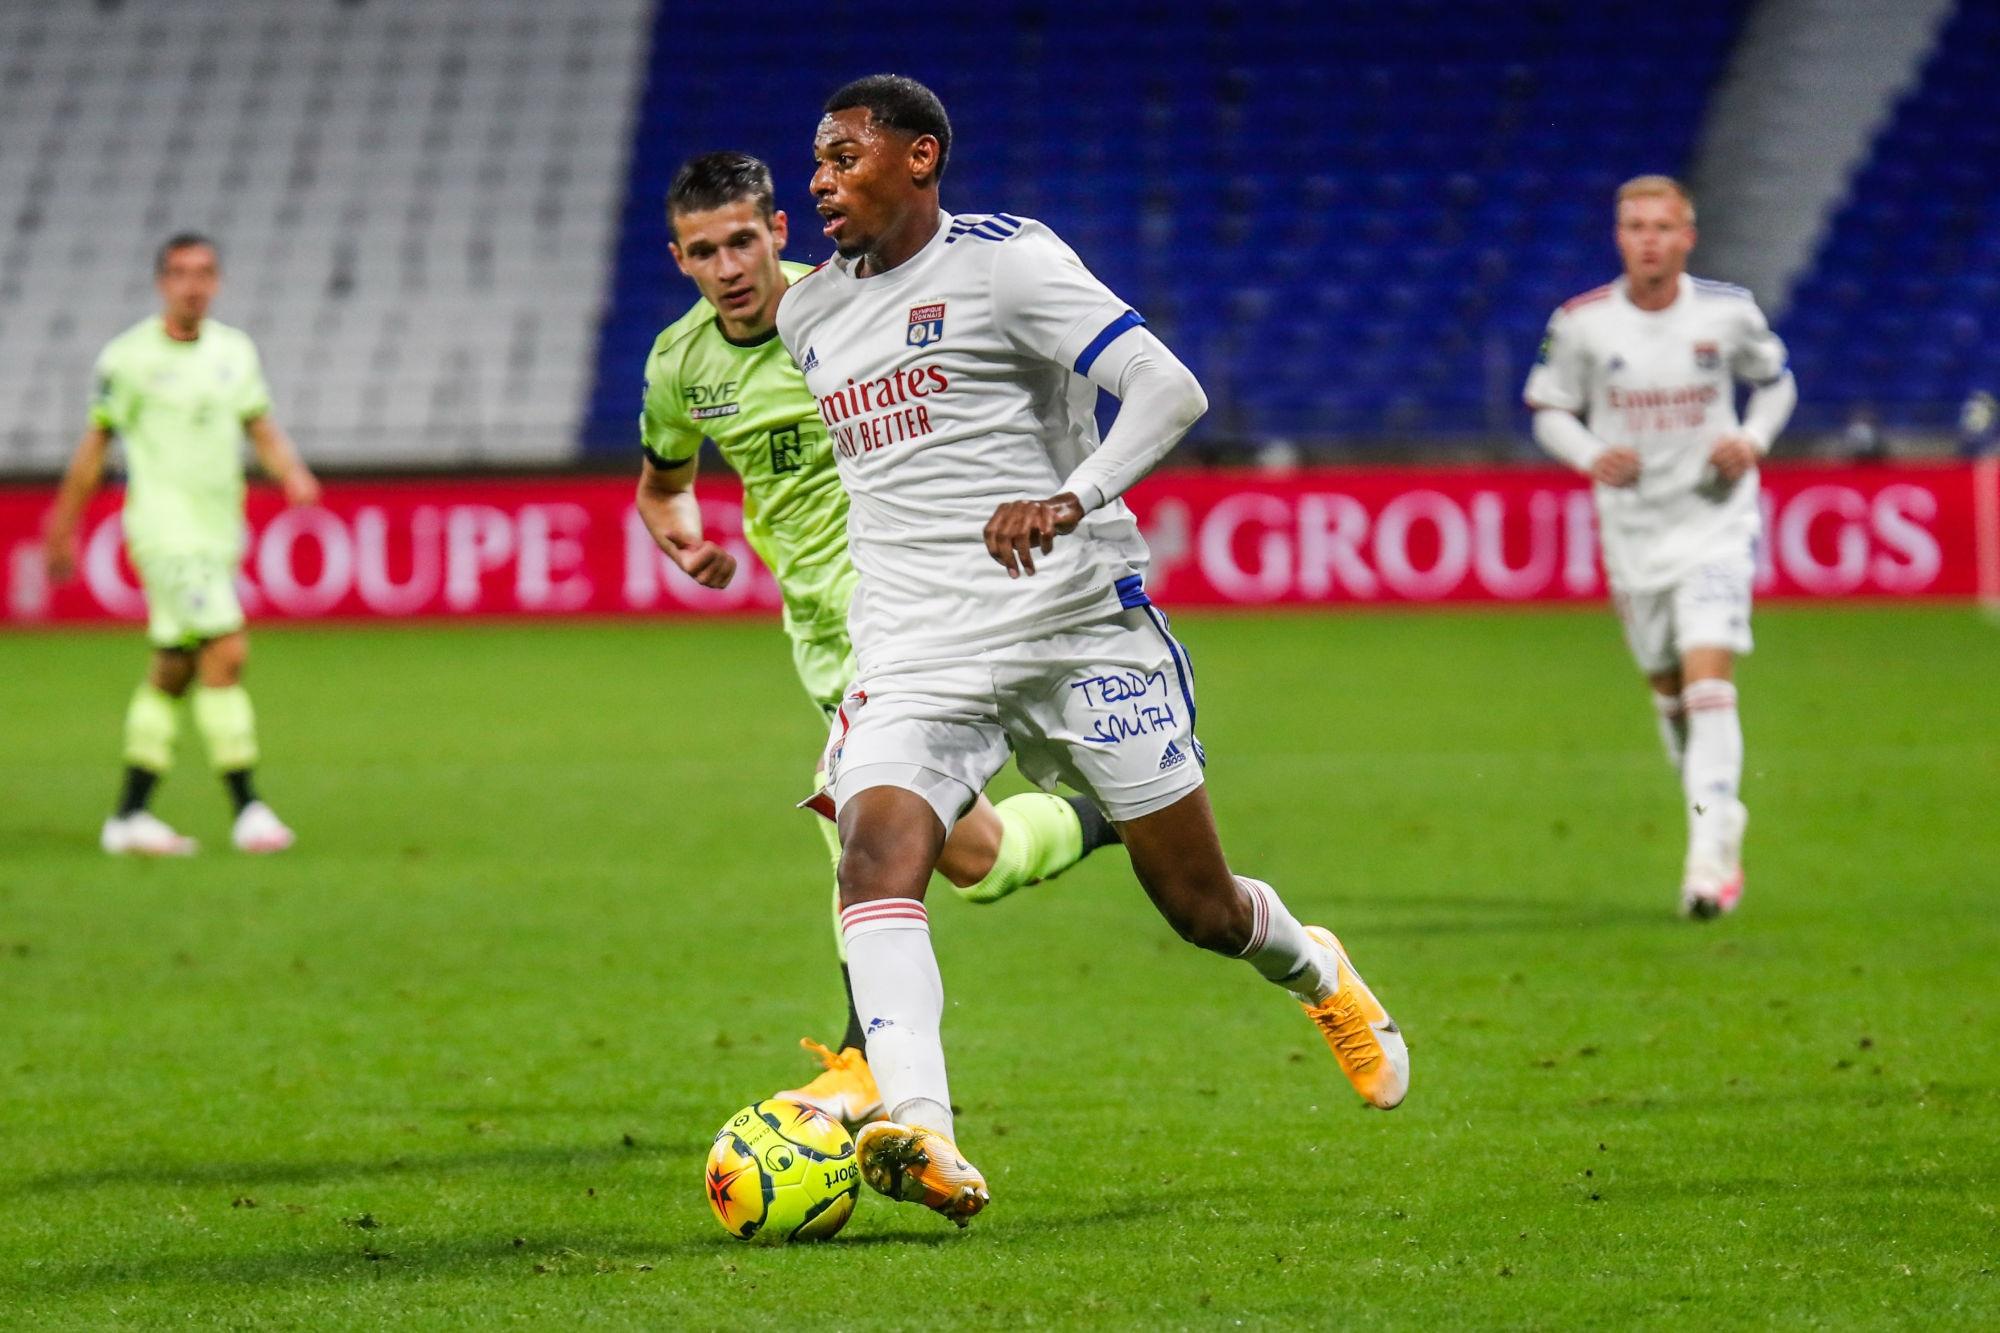 """Ligue 1 - Reine-Adelaïde concède que """"ce sera très compliqué"""" de concurrencer le PSG"""